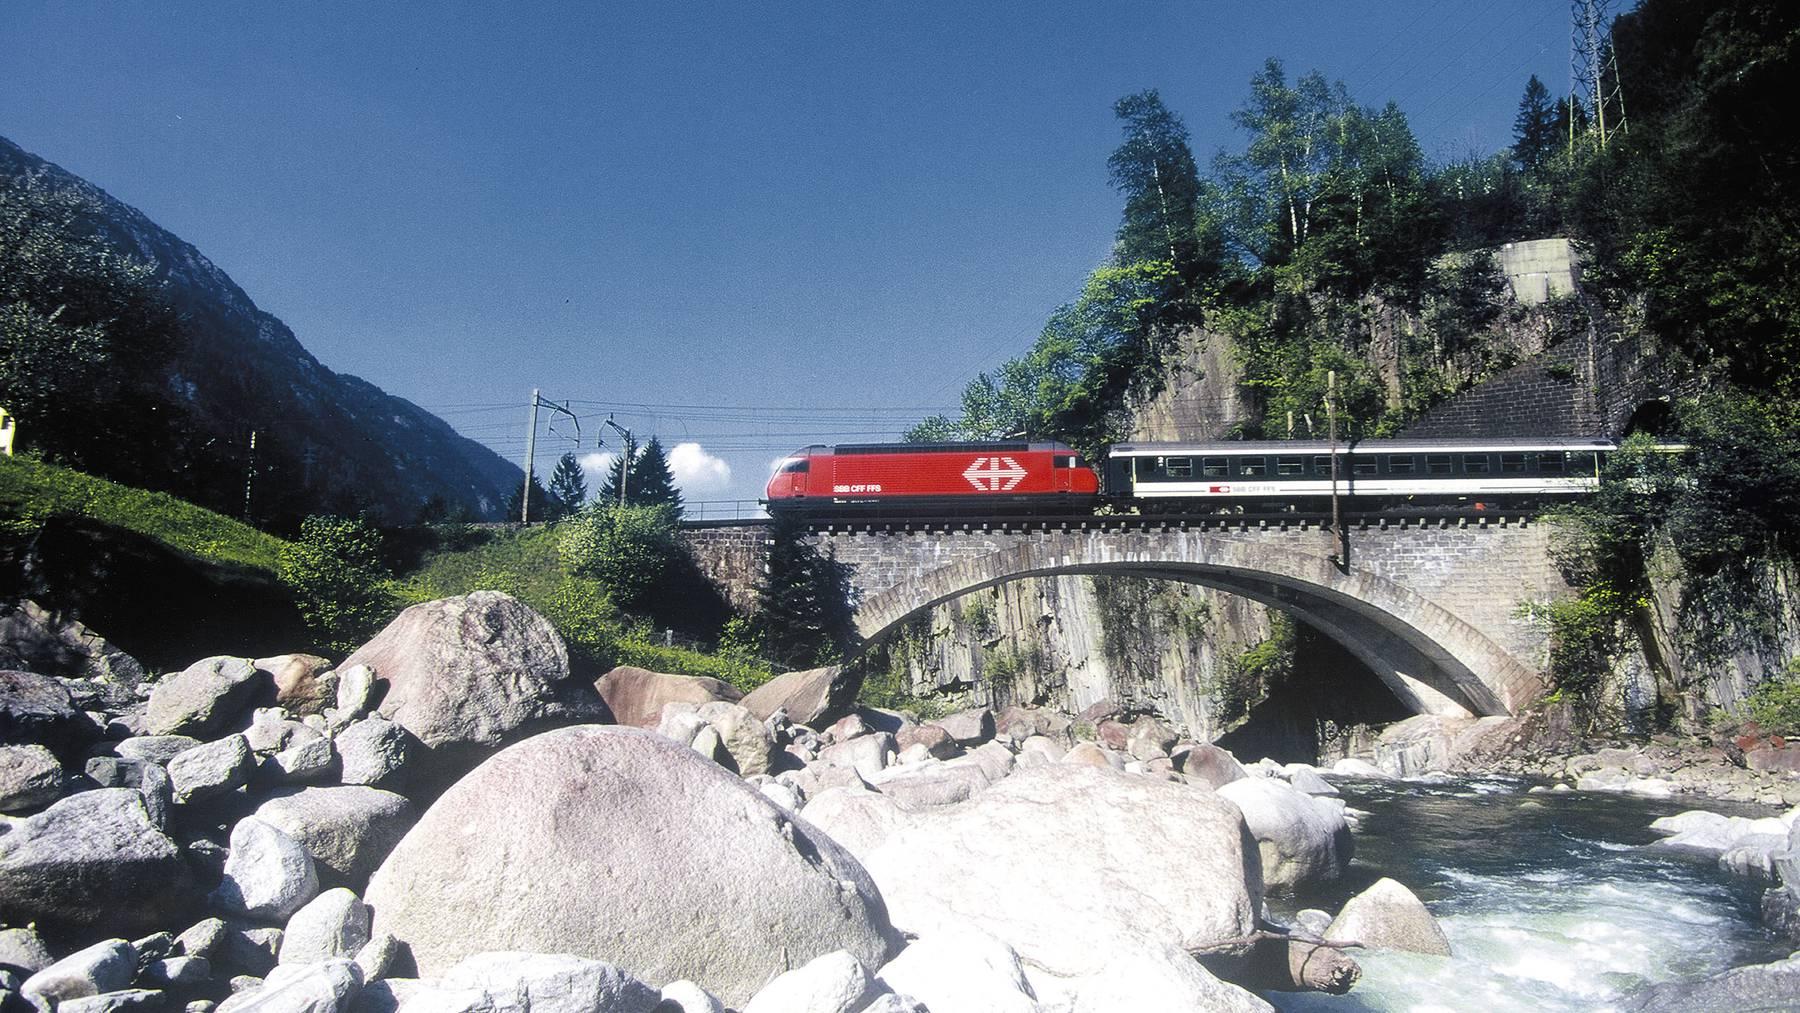 Bahnhof Altdorf wird zur Drehscheibe